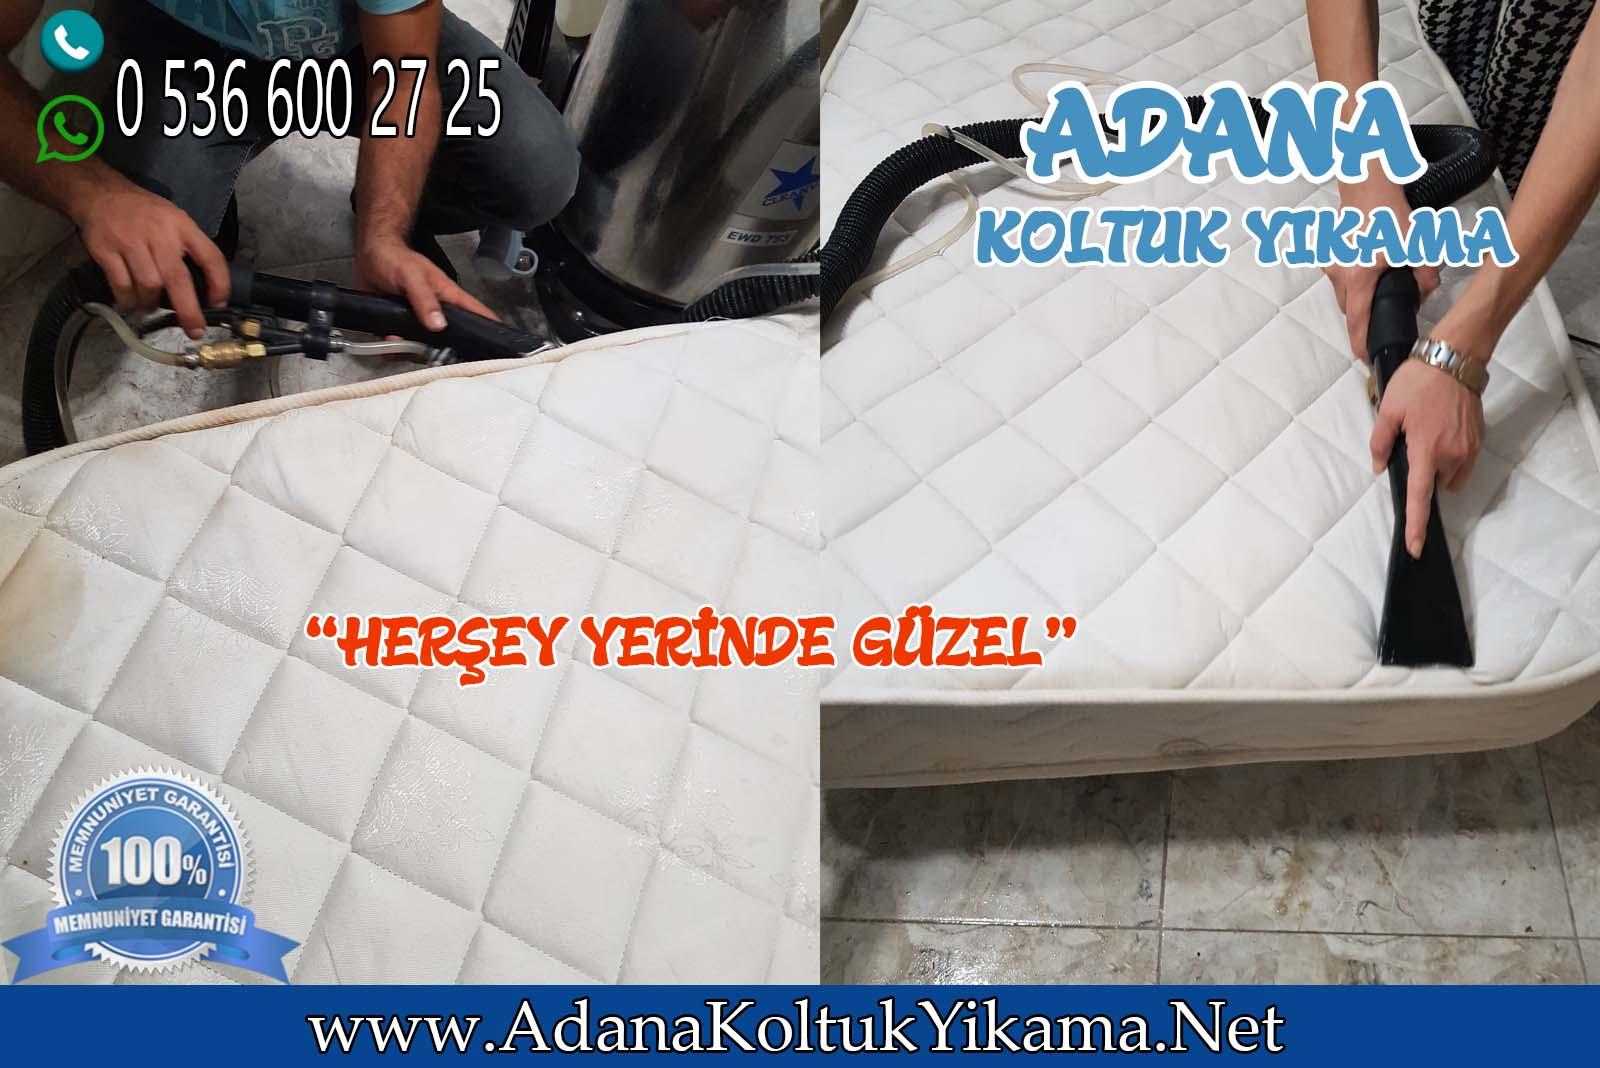 Adana Mekan Yatak Yıkama + Anka Kız Yurdu + Özel Leke Çıkartma